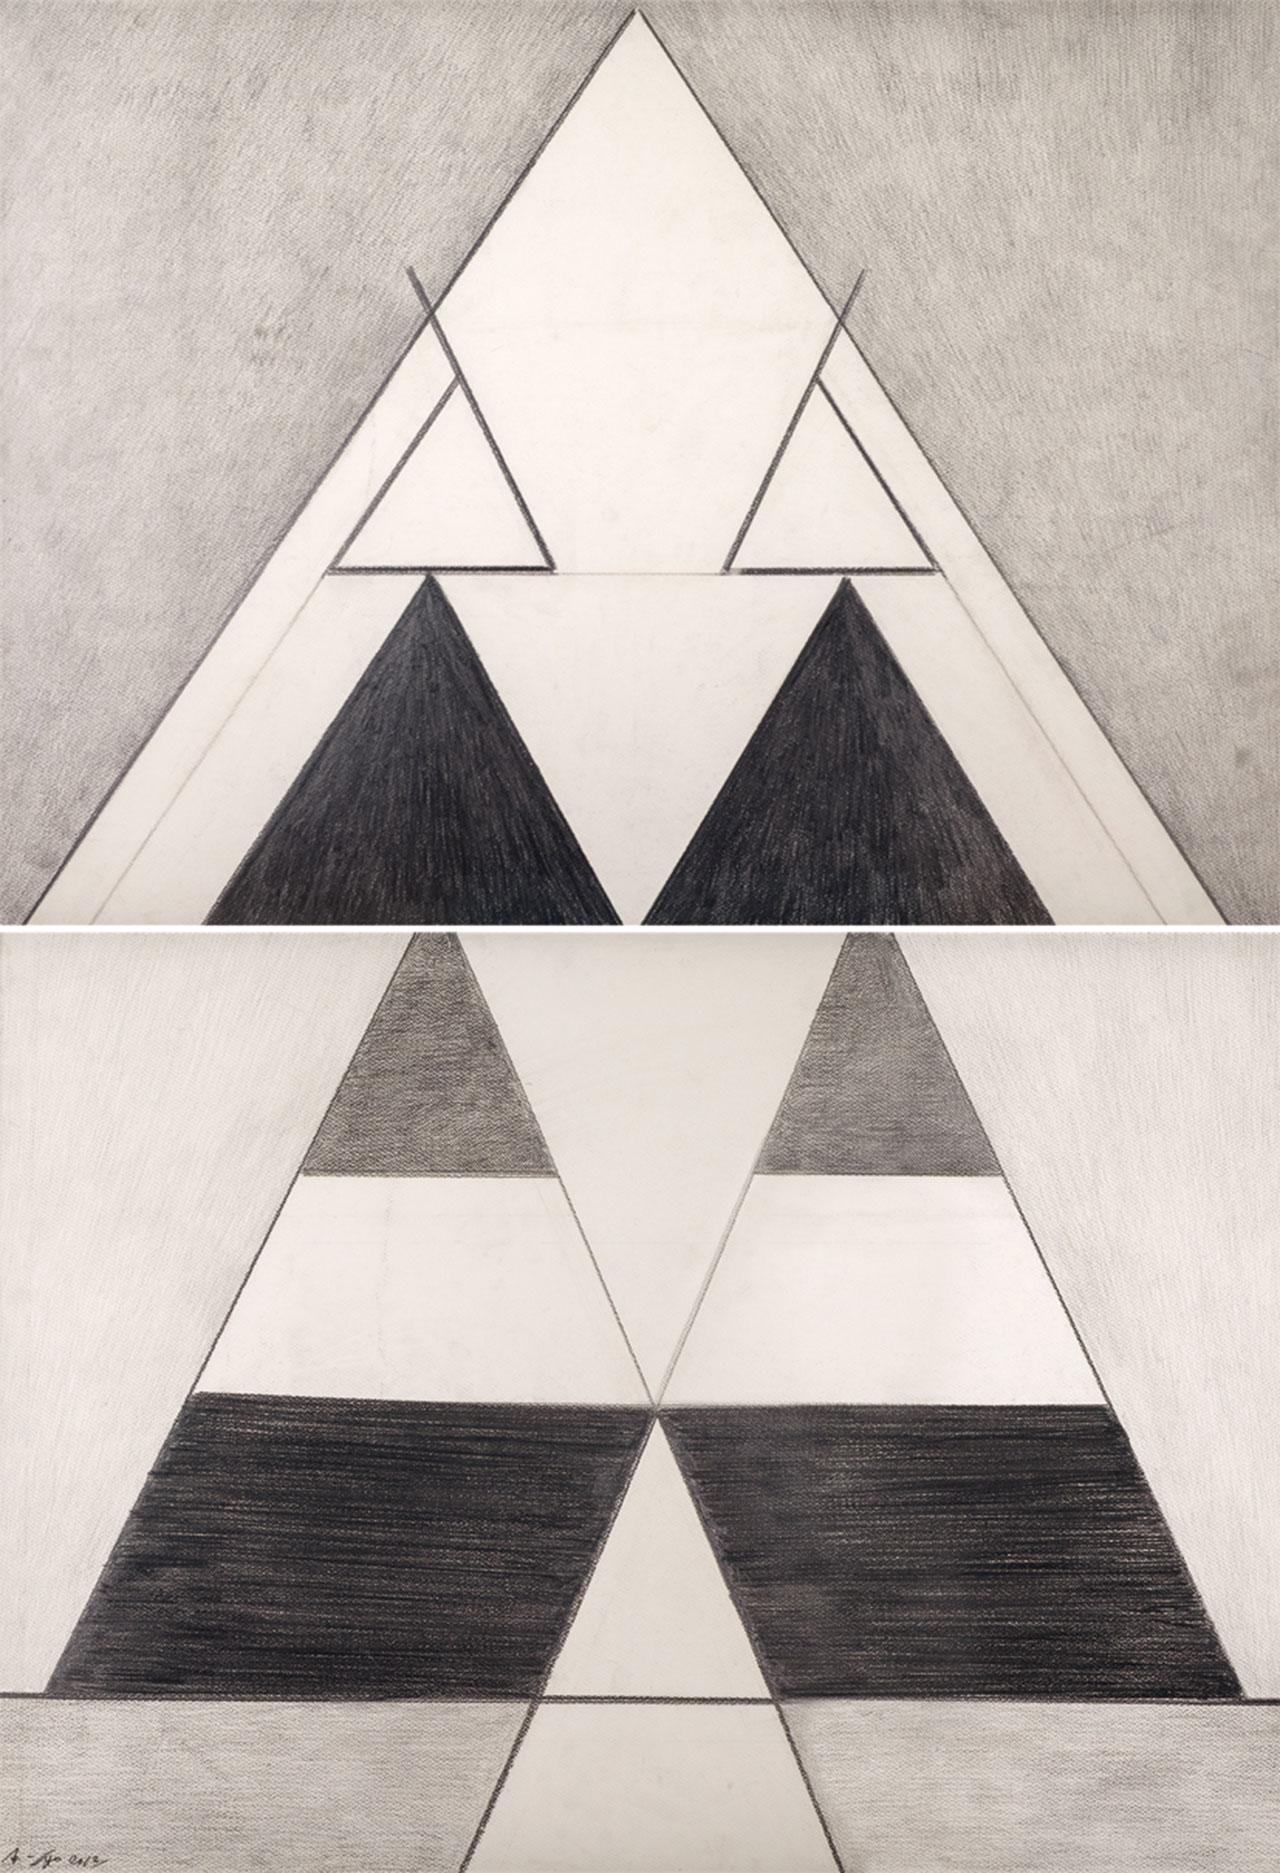 霍剛 無題6 鉛筆紙 101x72cmx2